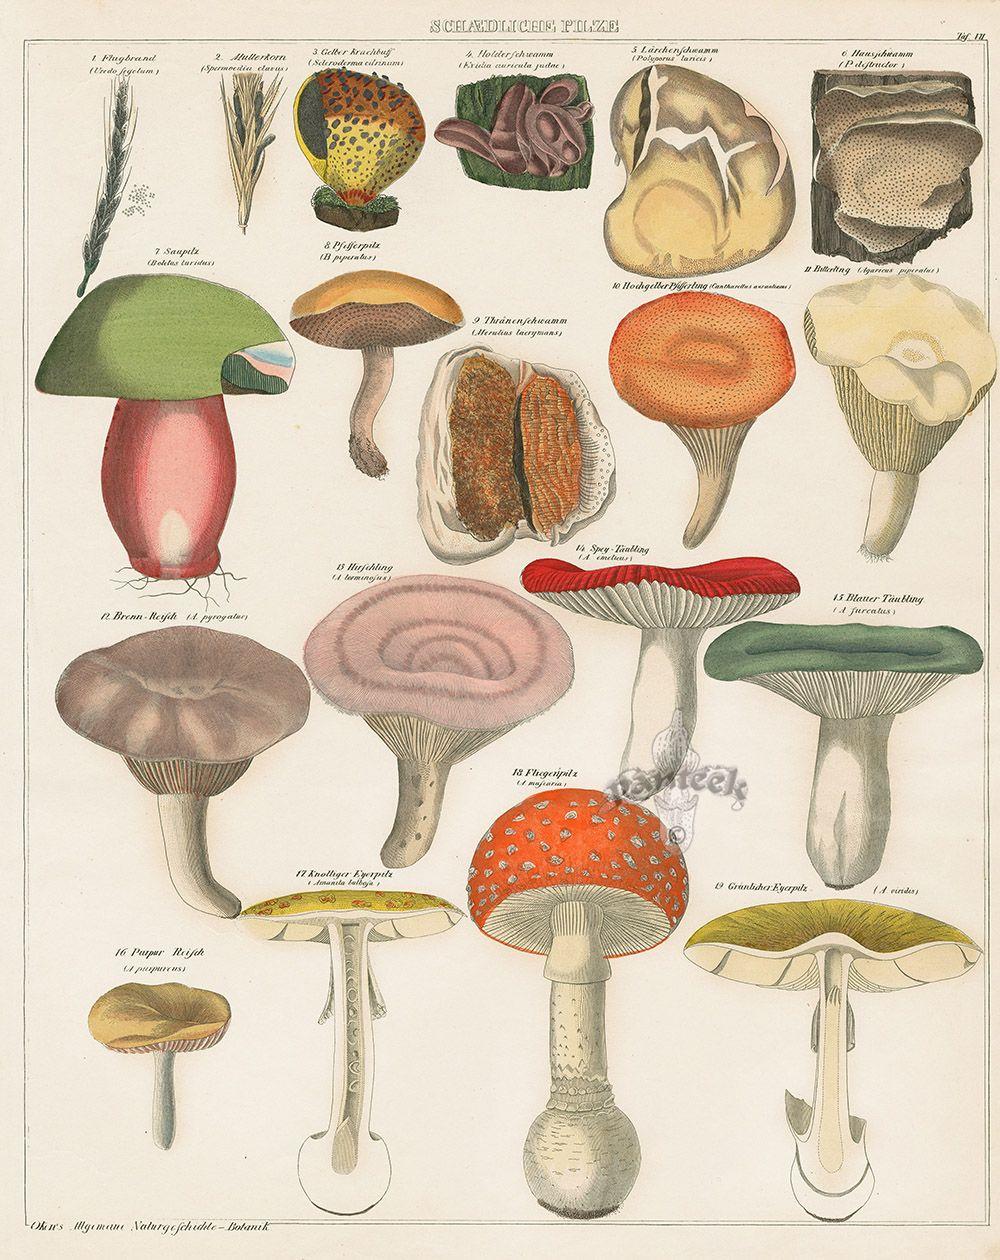 Mushrooms from Lorenz Oken Abbildungen Naturgeschichte für alle ...